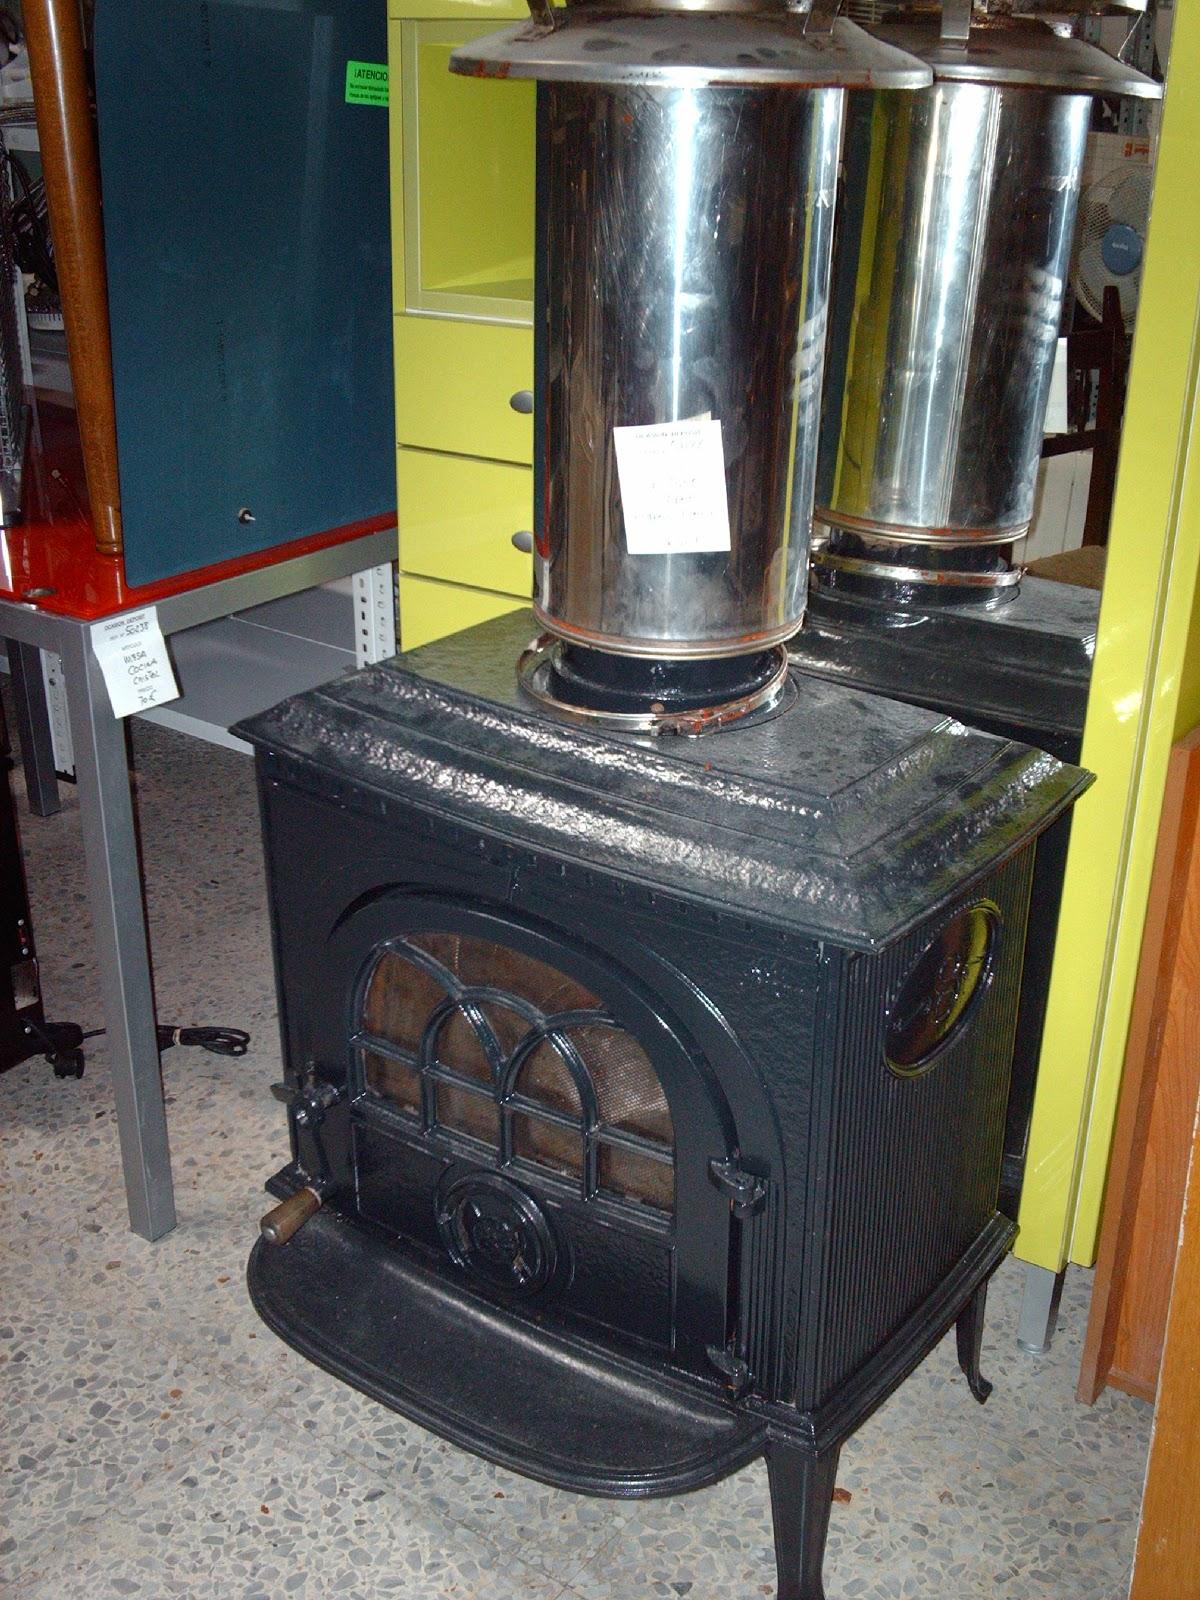 Ocasion deposit estufa de le a hierro fundido - Estufa de hierro ...